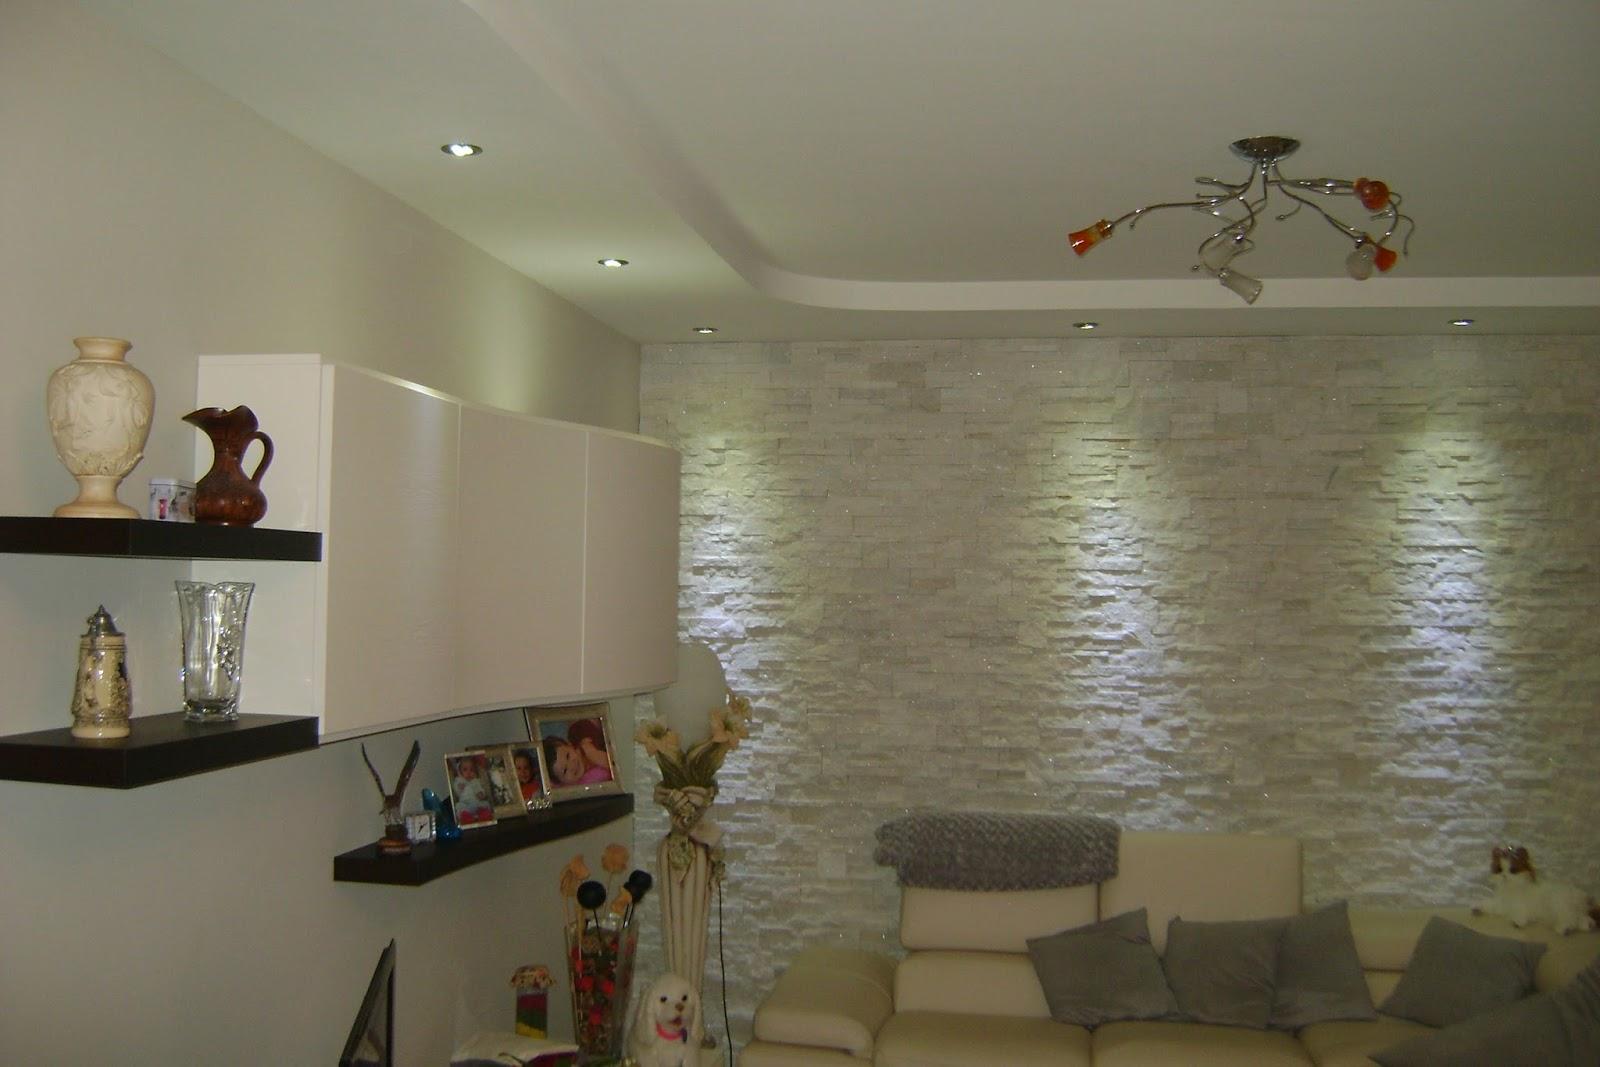 decori per pareti interne: decorazione murale foto royalty free ... - Decori Pareti Interne